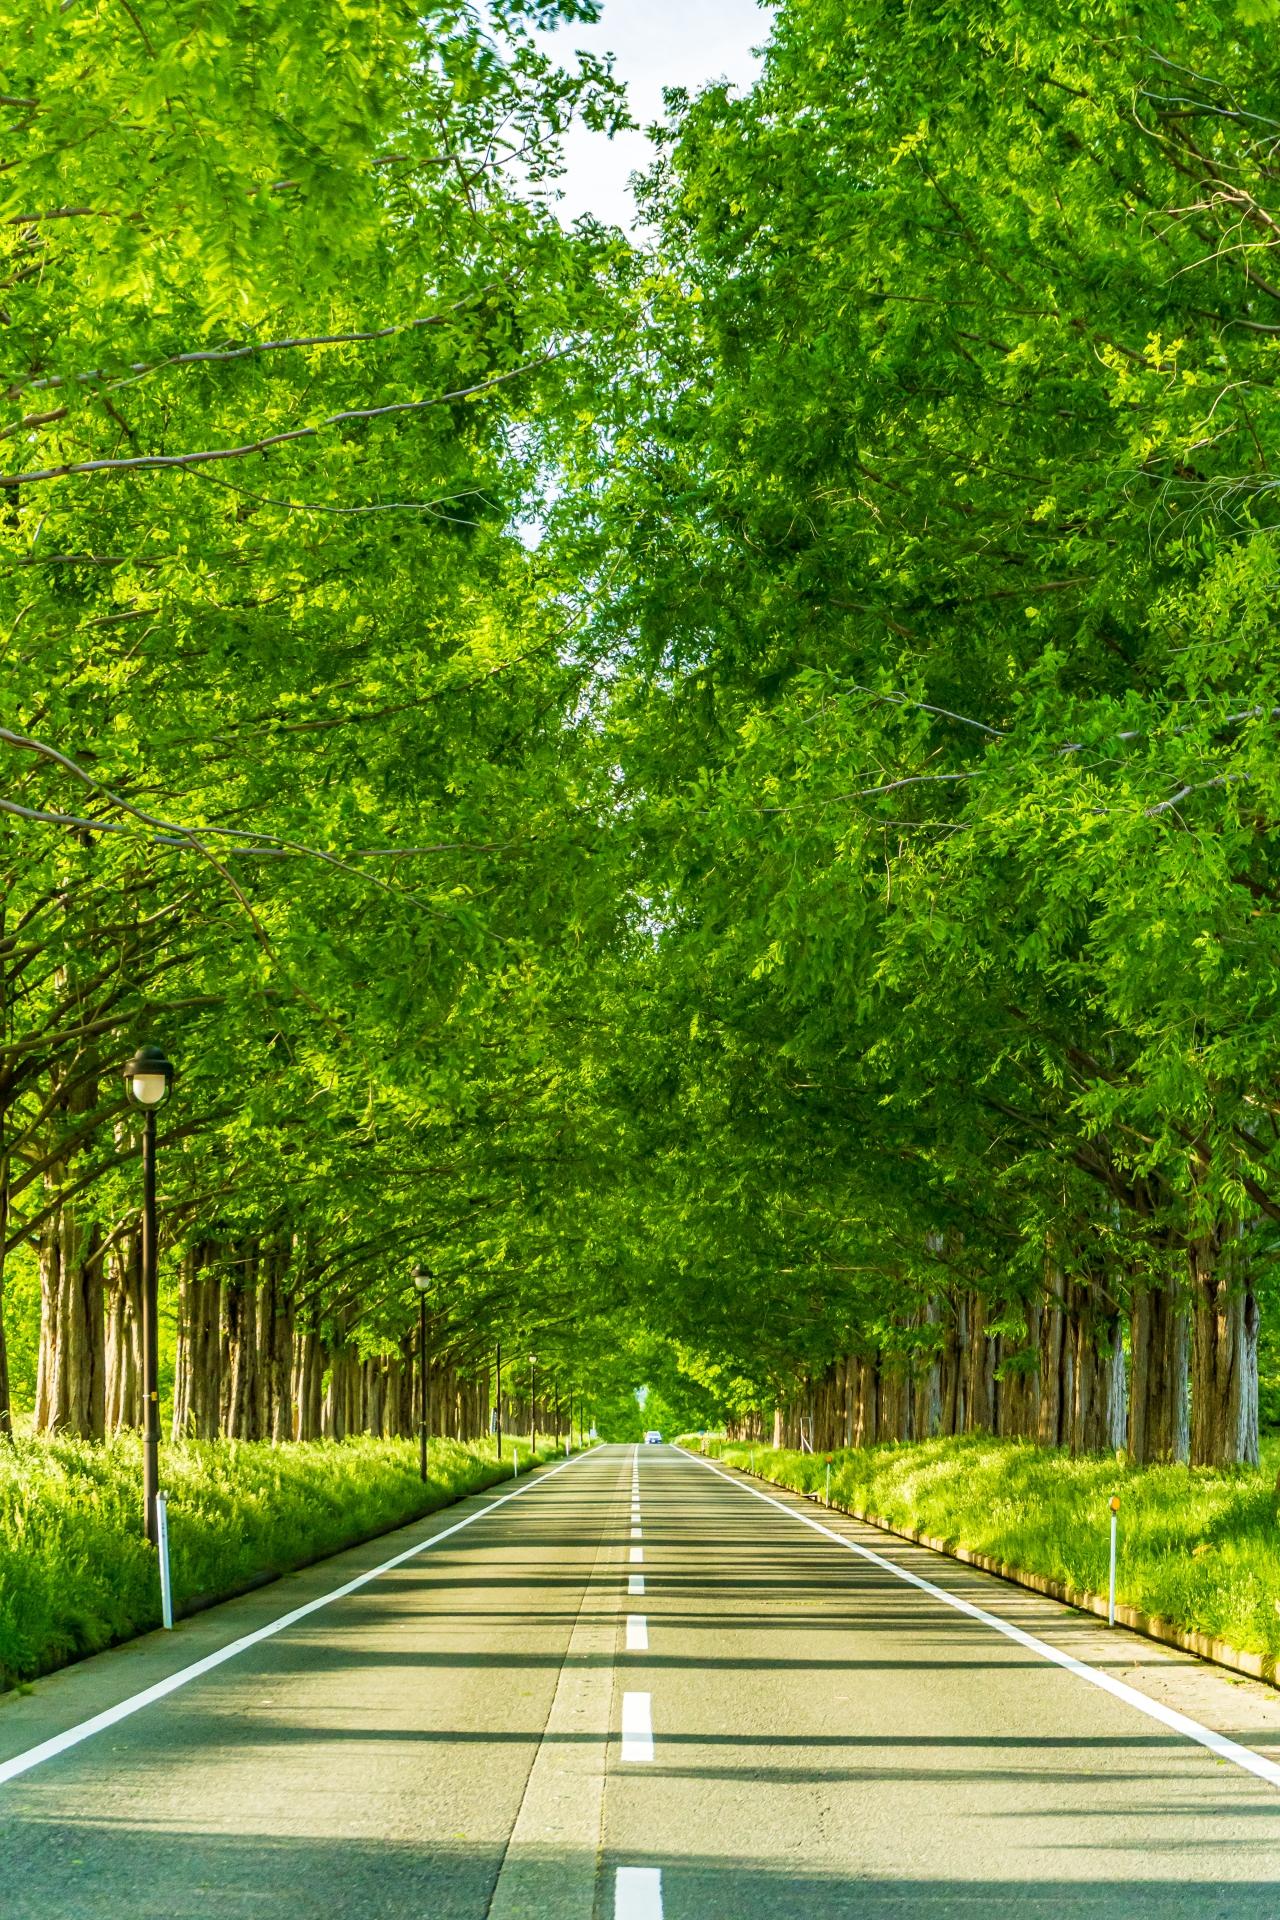 2494323_m 滋賀県  メタセコイア並木(約2.4km続く絶景のメタセコイア並木! 新緑の季節におすすめのスポット。 写真の紹介、アクセス情報や駐車場情報など)